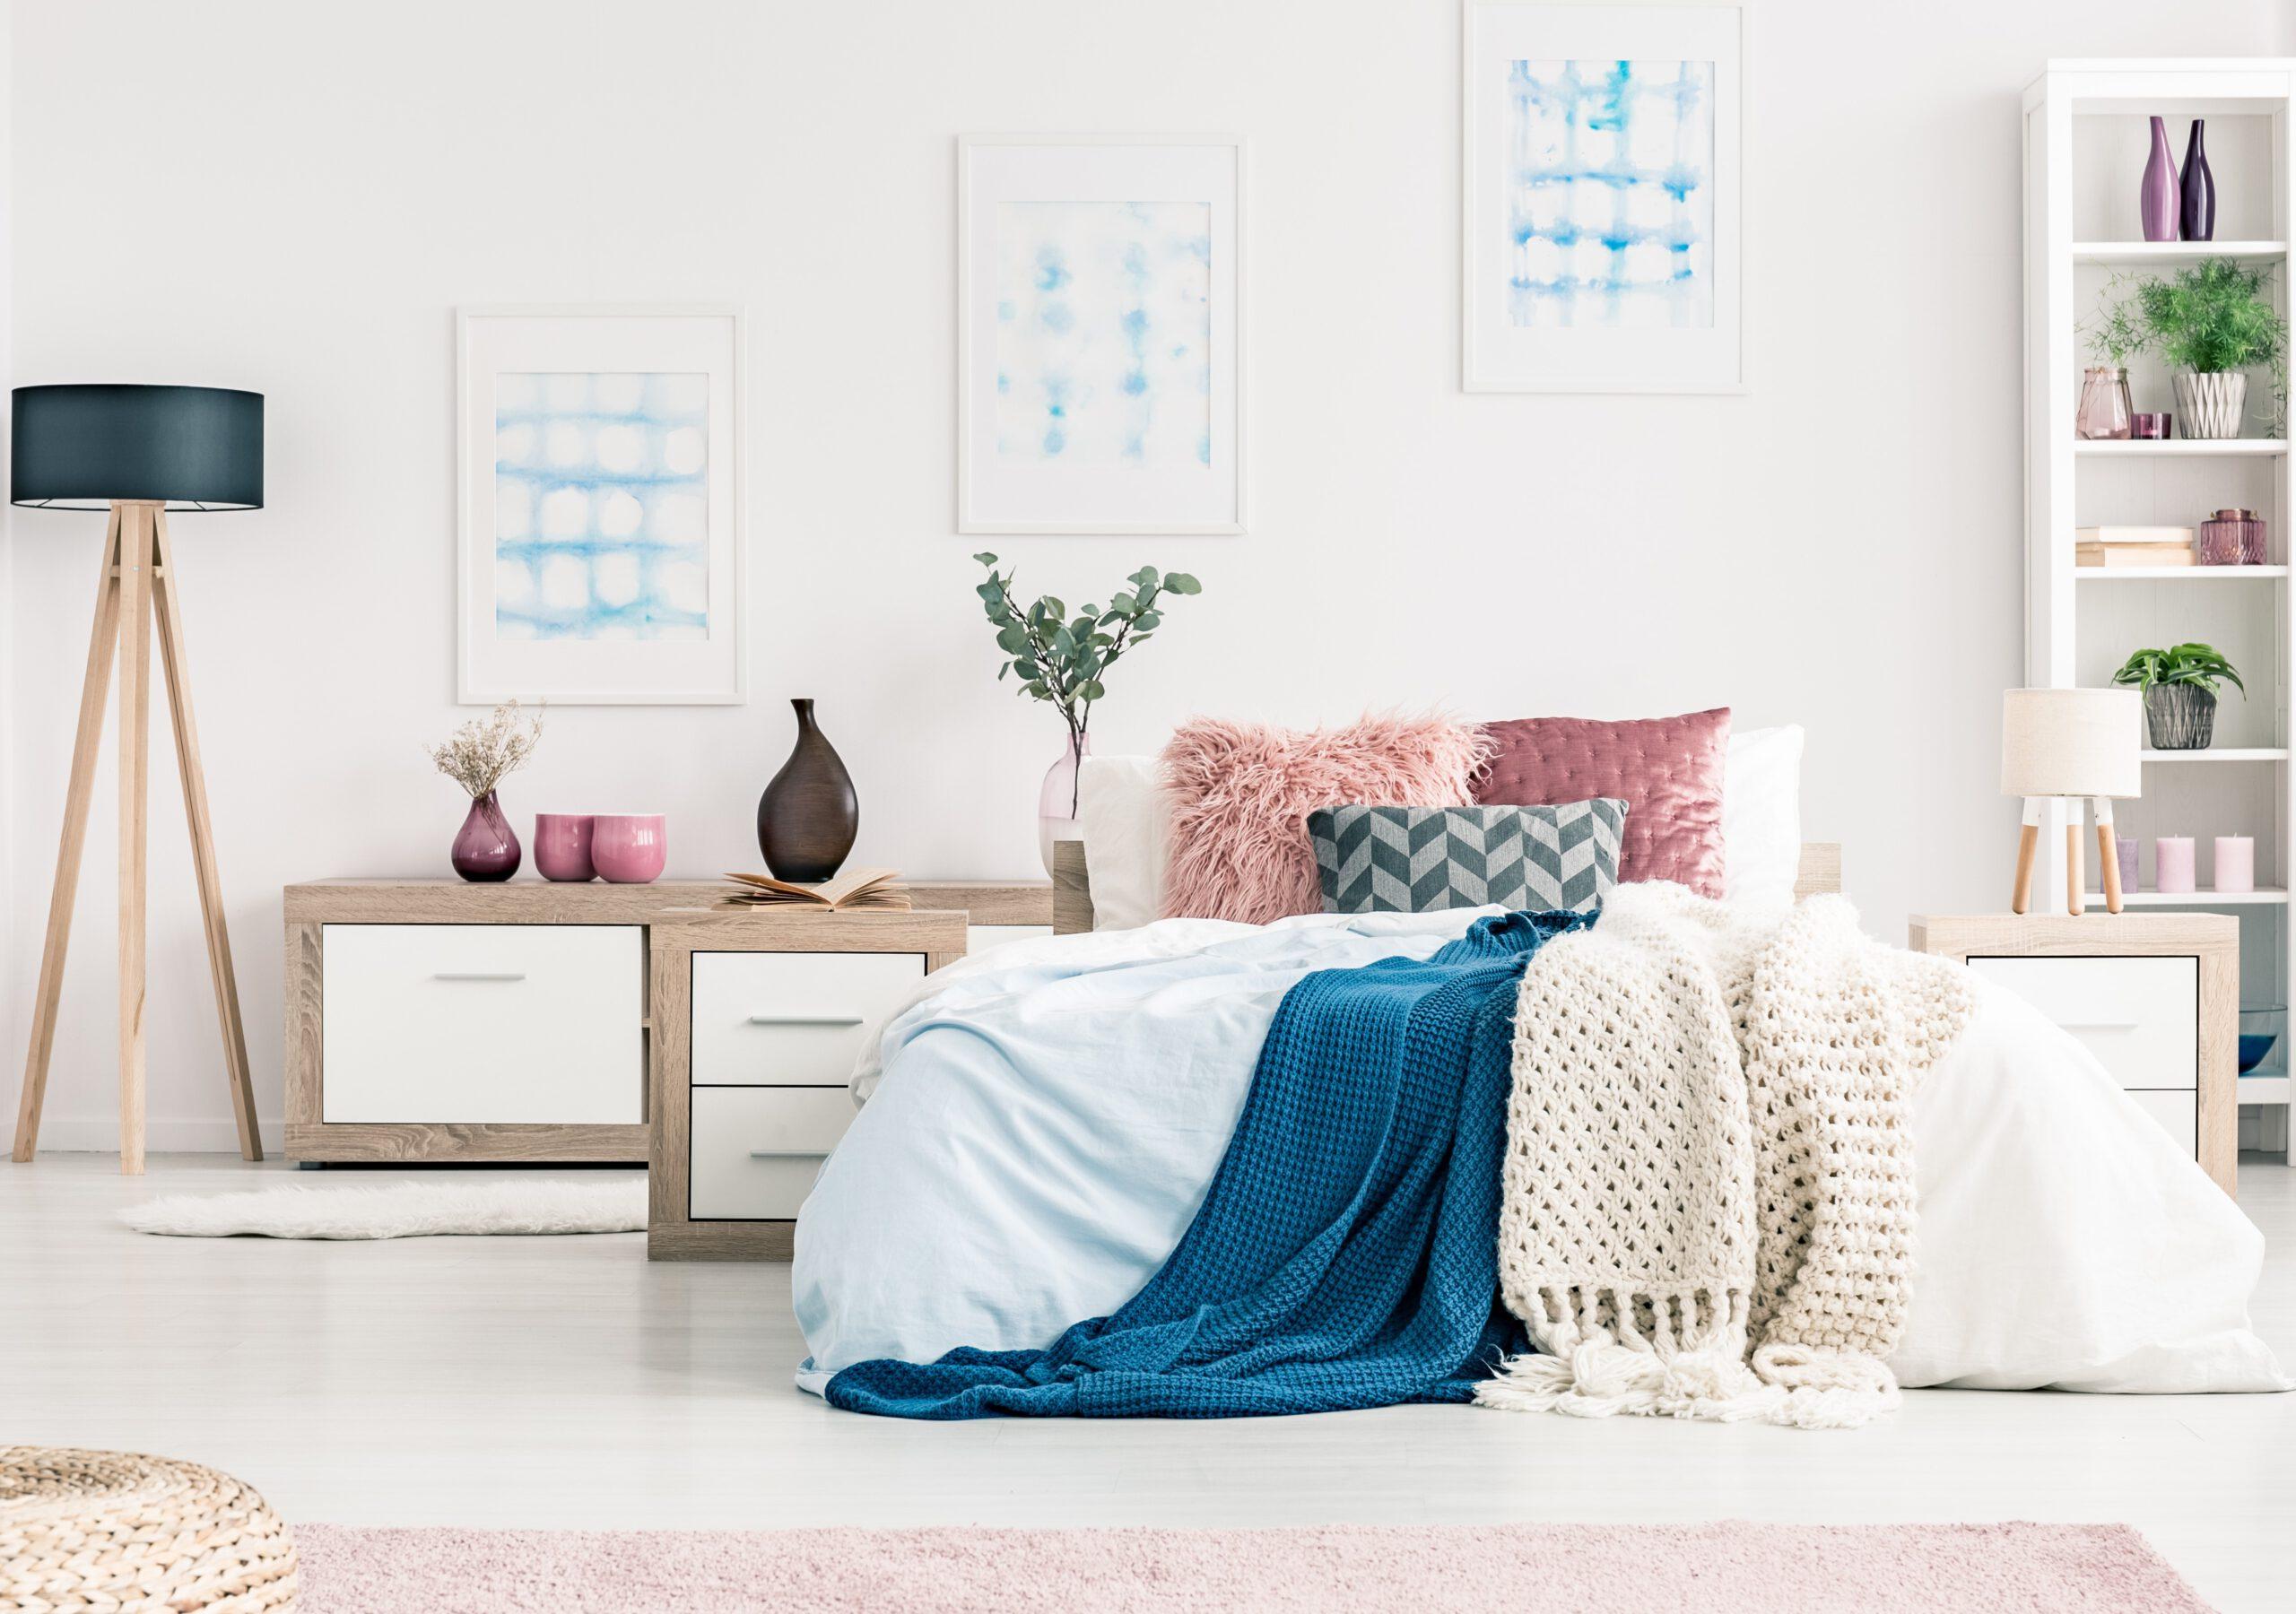 ديكورات غرف النوم بألوان الصيف 2021